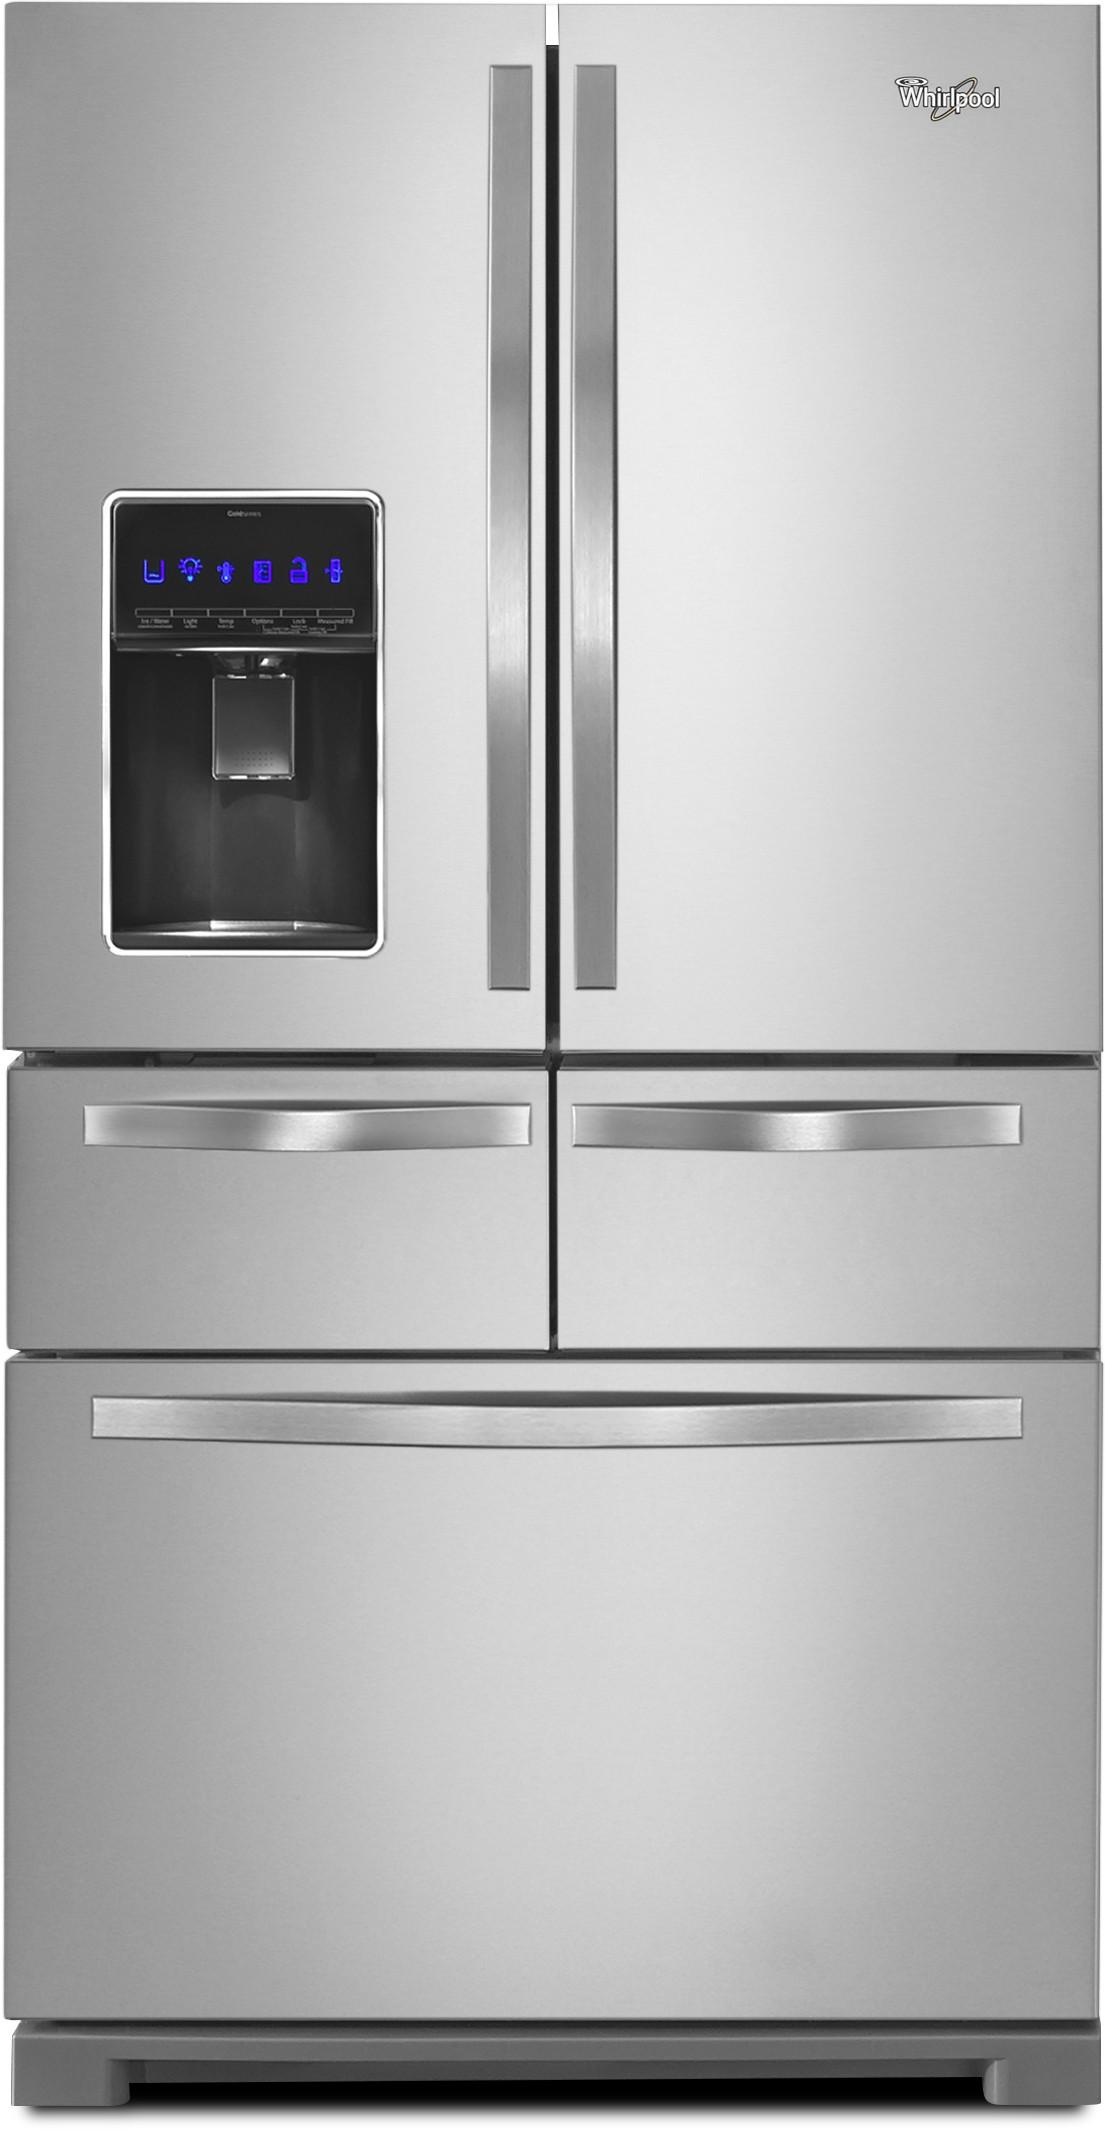 refrigerator wiring diagram whirlpool scosche gm2000 evaporator fan door